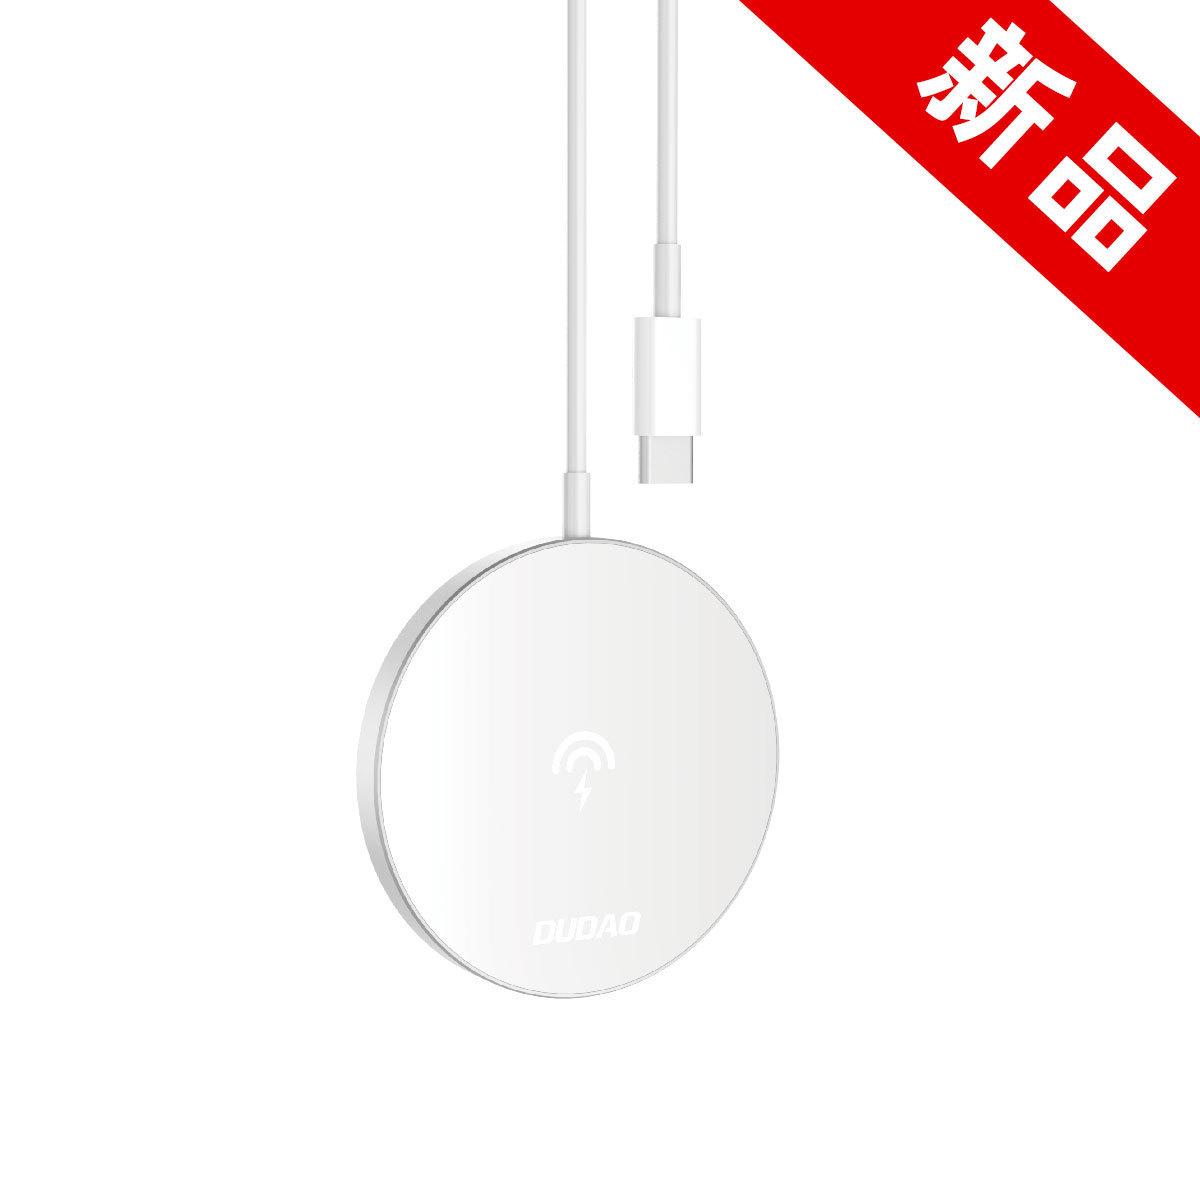 熱銷 獨到magsafe 磁吸 無線 充 適用於蘋果12 ipone12 磁吸 無線 充電器15w